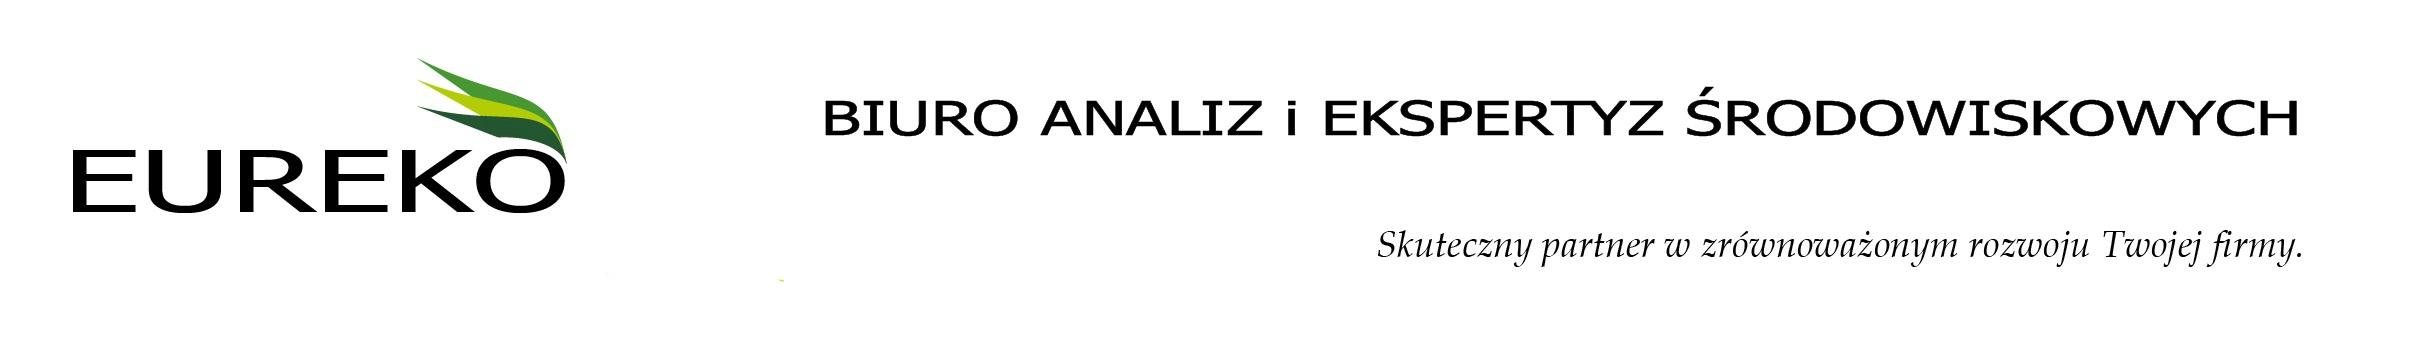 Biuro Analiz i Ekspertyz Å?rodowiskowych EUREKO